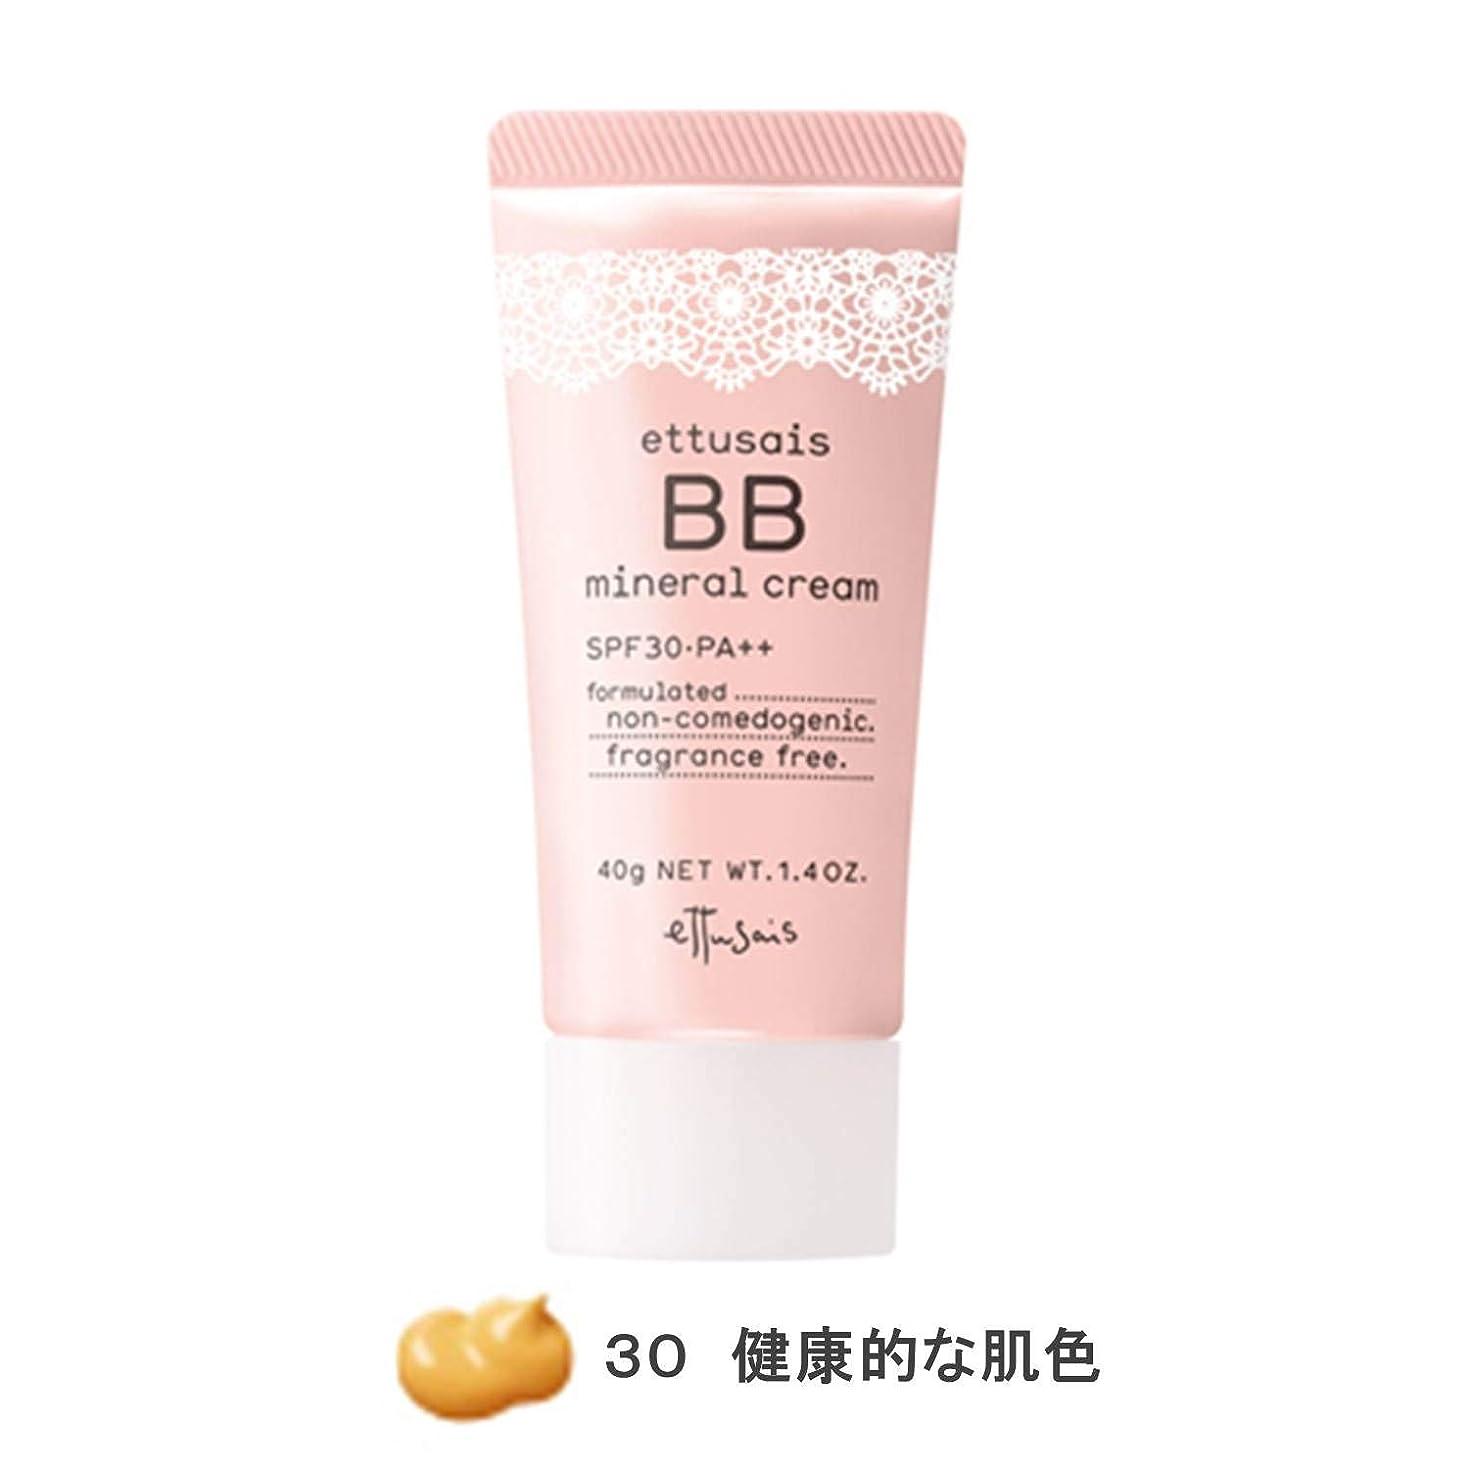 モルヒネとまり木表示エテュセ BBミネラルクリーム 30(健康的な肌色) SPF30?PA++ 40g